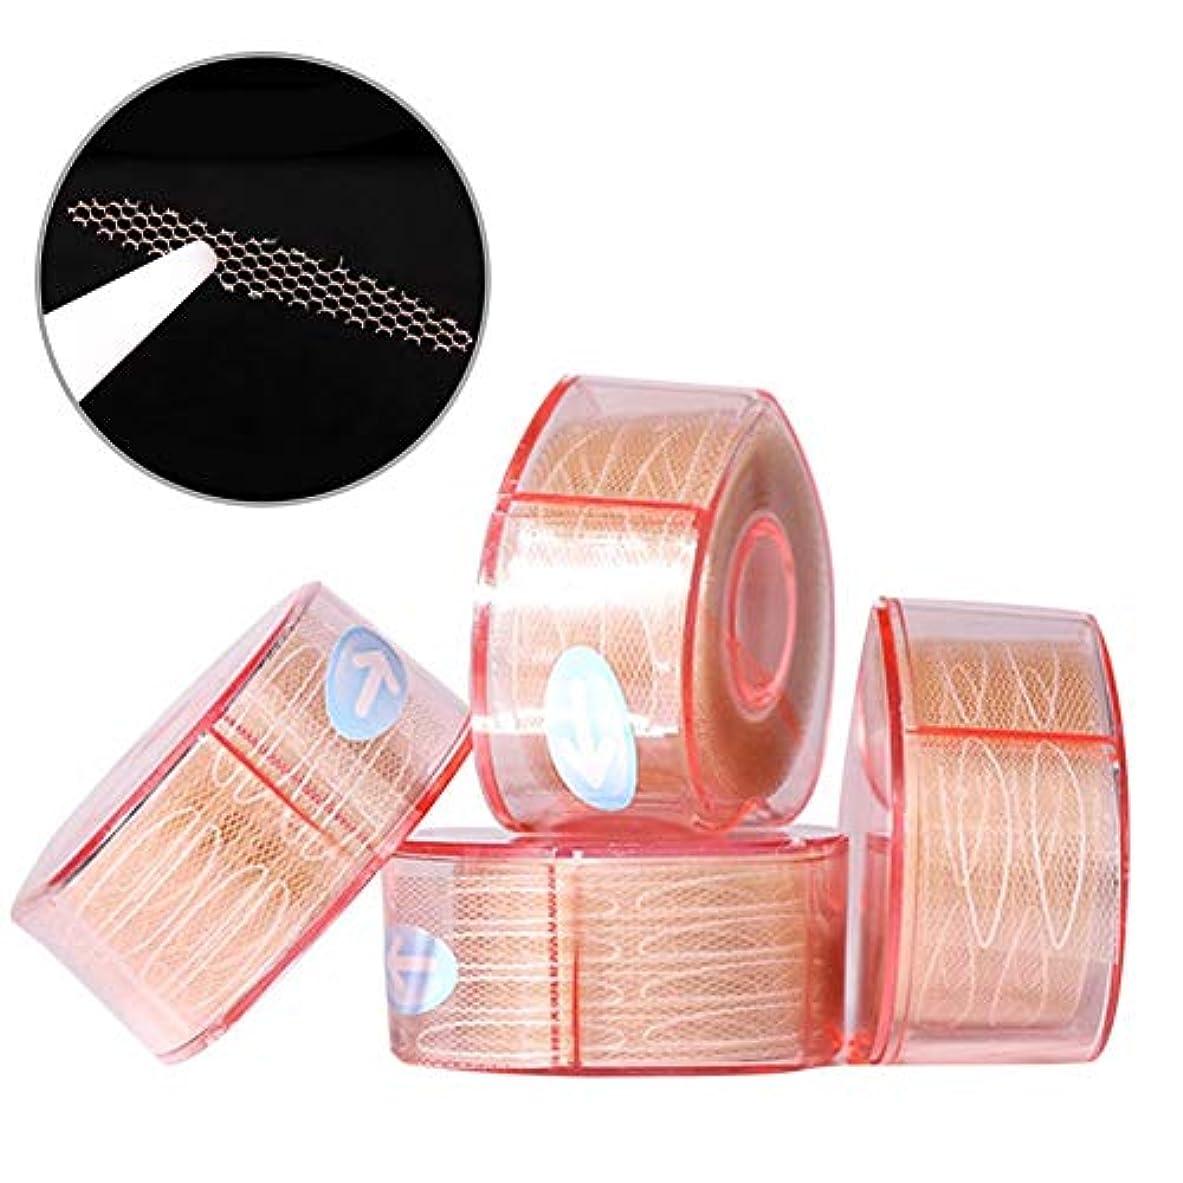 減るガジュマル爵ナチュラルアイテープ 二重まぶたステッカー 二重まぶたテープ 300組セット メッシュ 見えない バレない 通気性 アイメイク 4タイプ選べる junexi